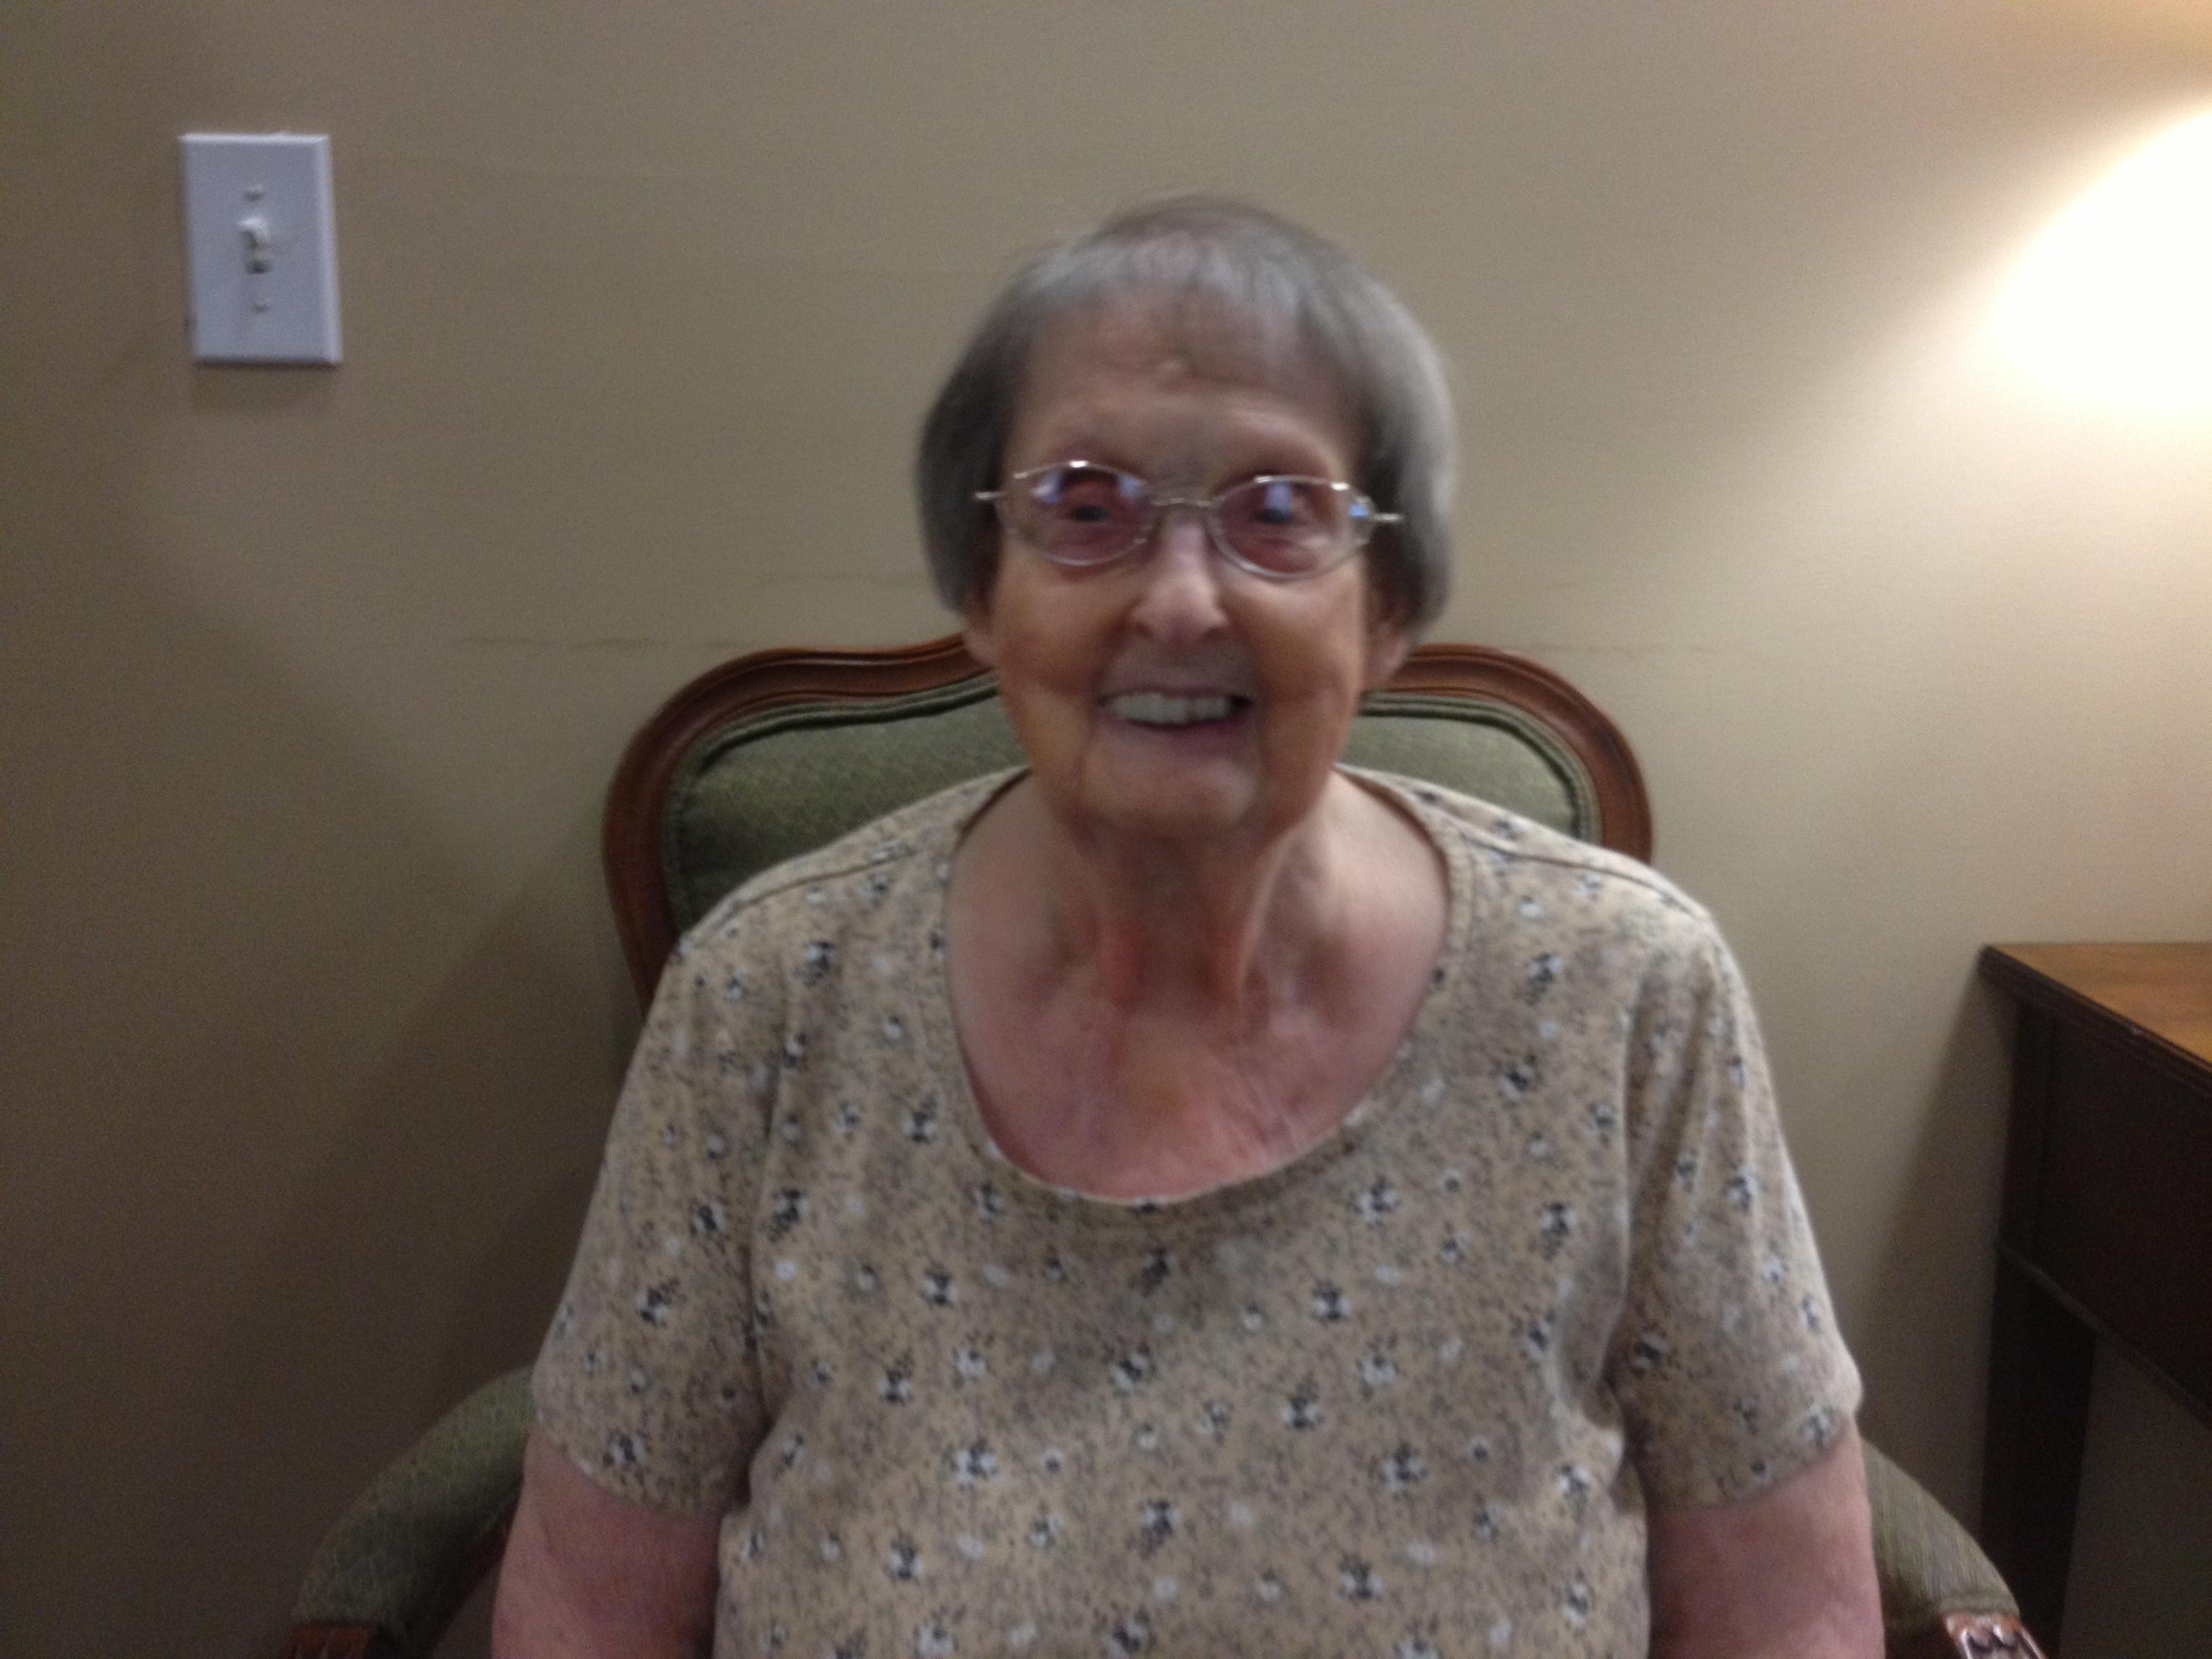 Bettie O'Neal